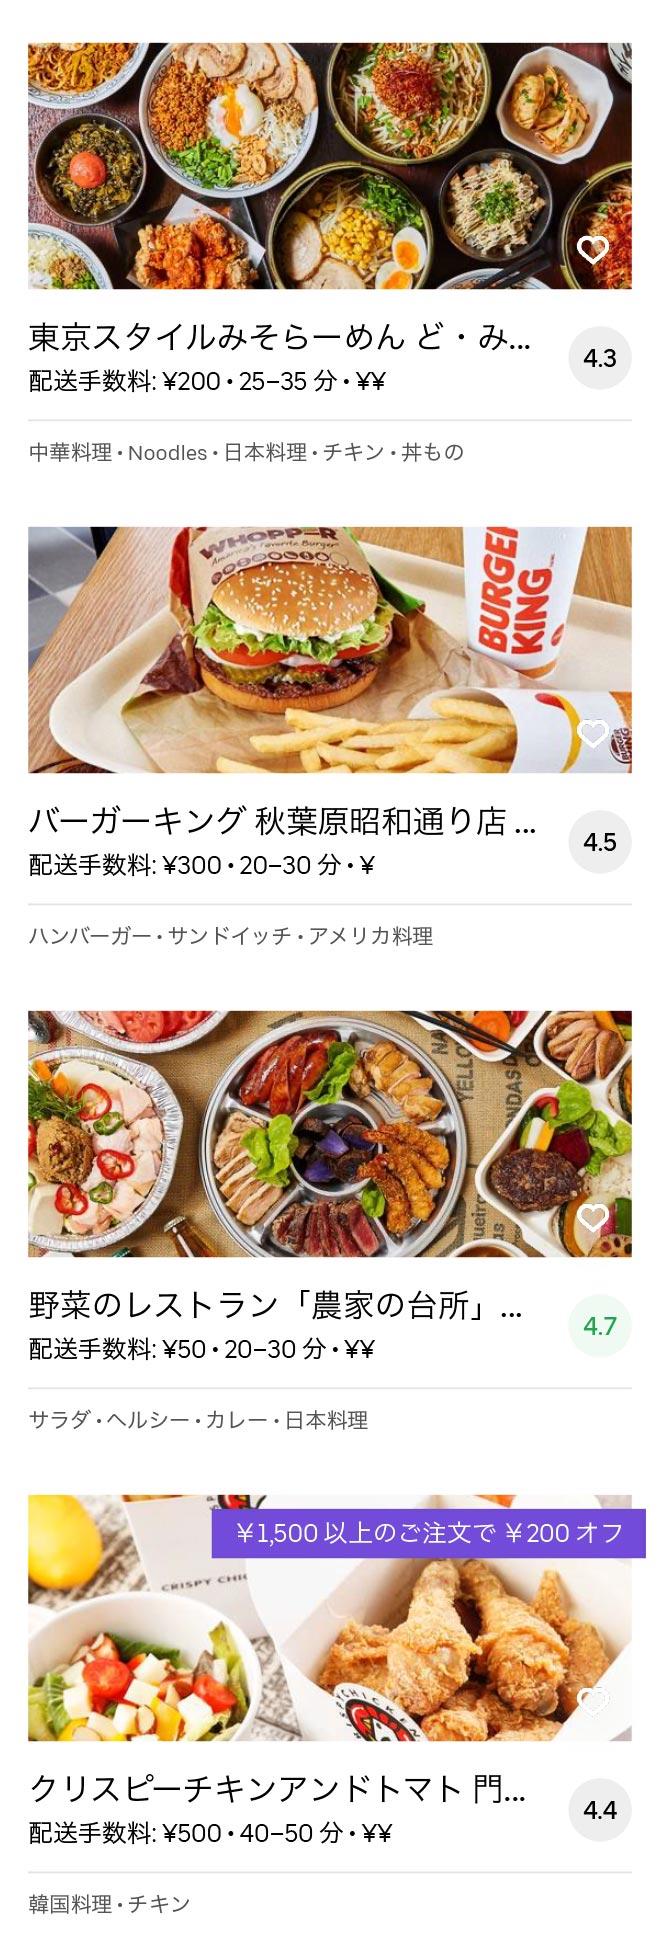 Tokyo otemachi menu 2005 04